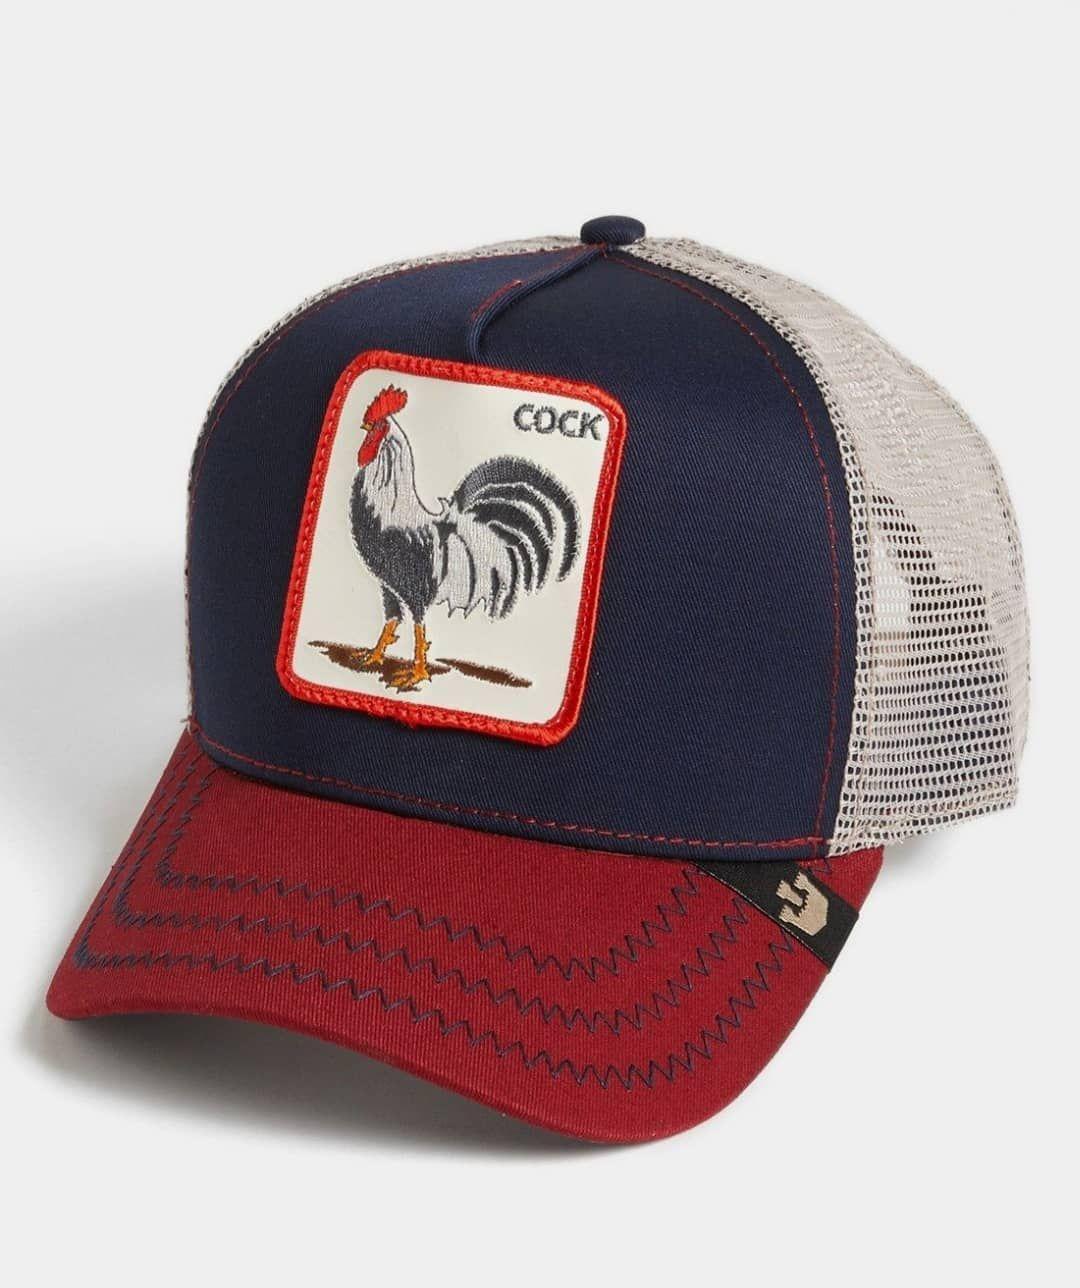 Modelo 466 No Encontraras Nada Parecido N1 En Marcas N1 En Precios Fashion Designed For You Pokercriptana New Trucker Hat Hats For Men Goorin